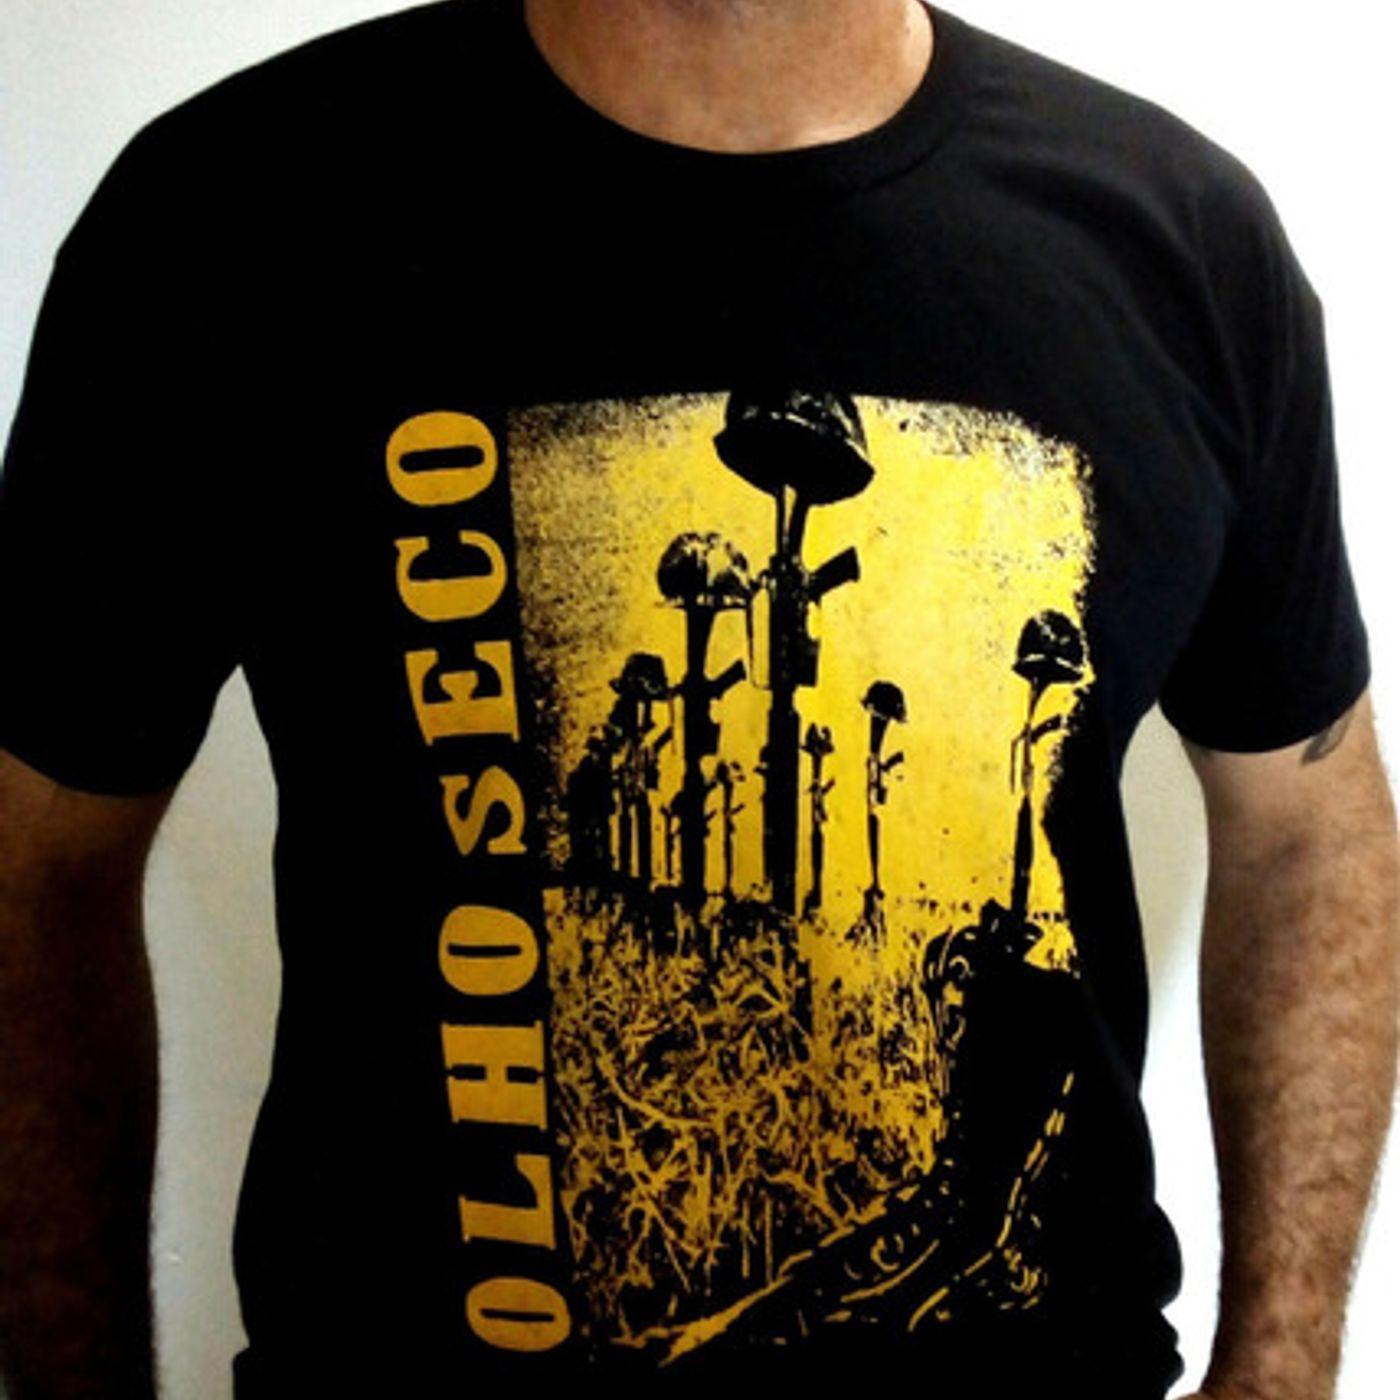 BEST OF ROCK BR voz do Brasil podcast #0393B #OlhoSeco #TWD #stayhome #wearamask #washyourhands #Loki #f9 #xbox #redguardian #melina